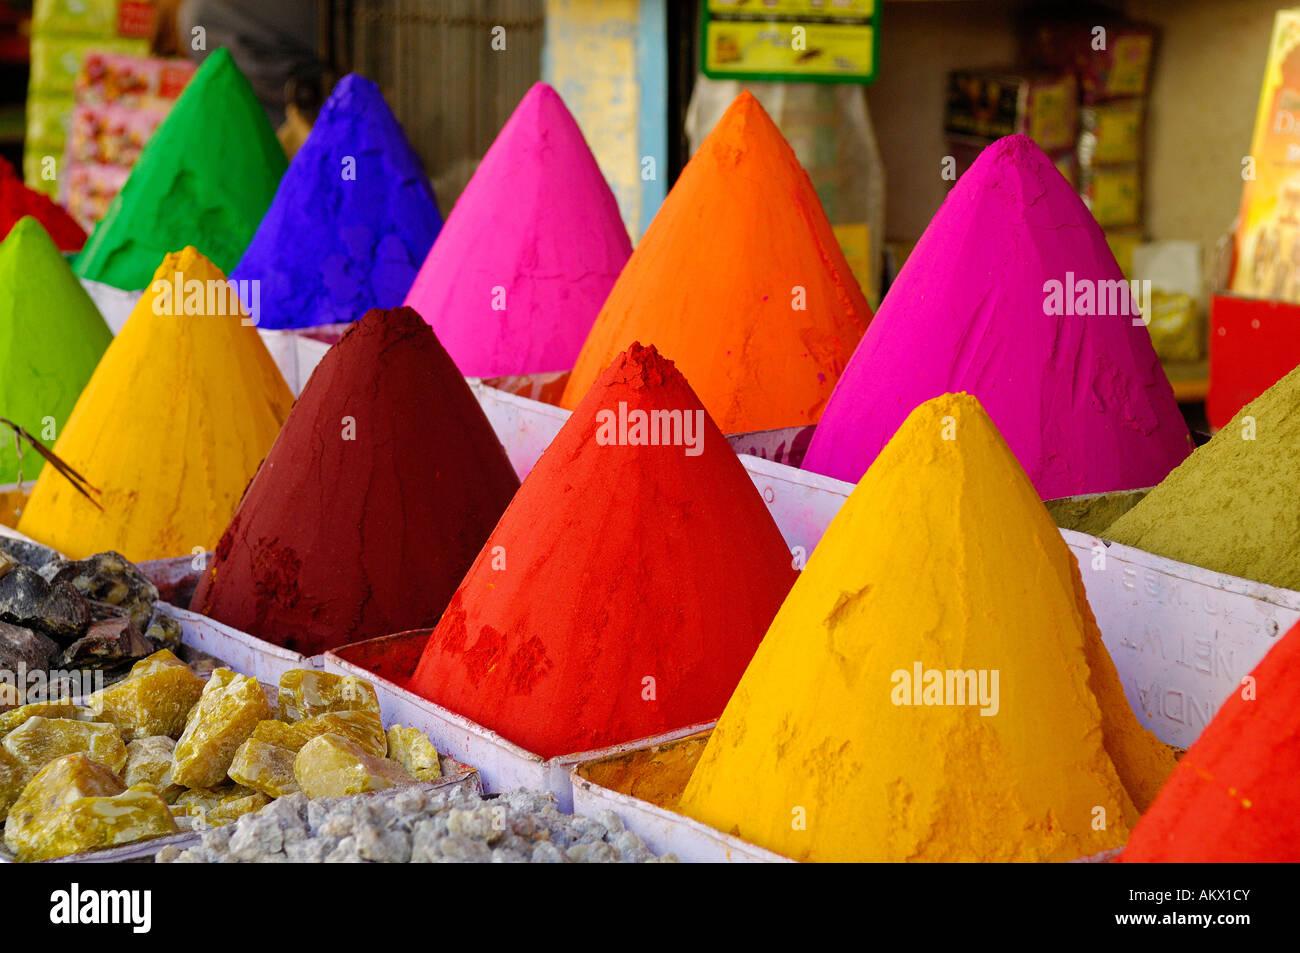 La India, Karnataka, Bijapur, matriz de tinte en el mercado Imagen De Stock